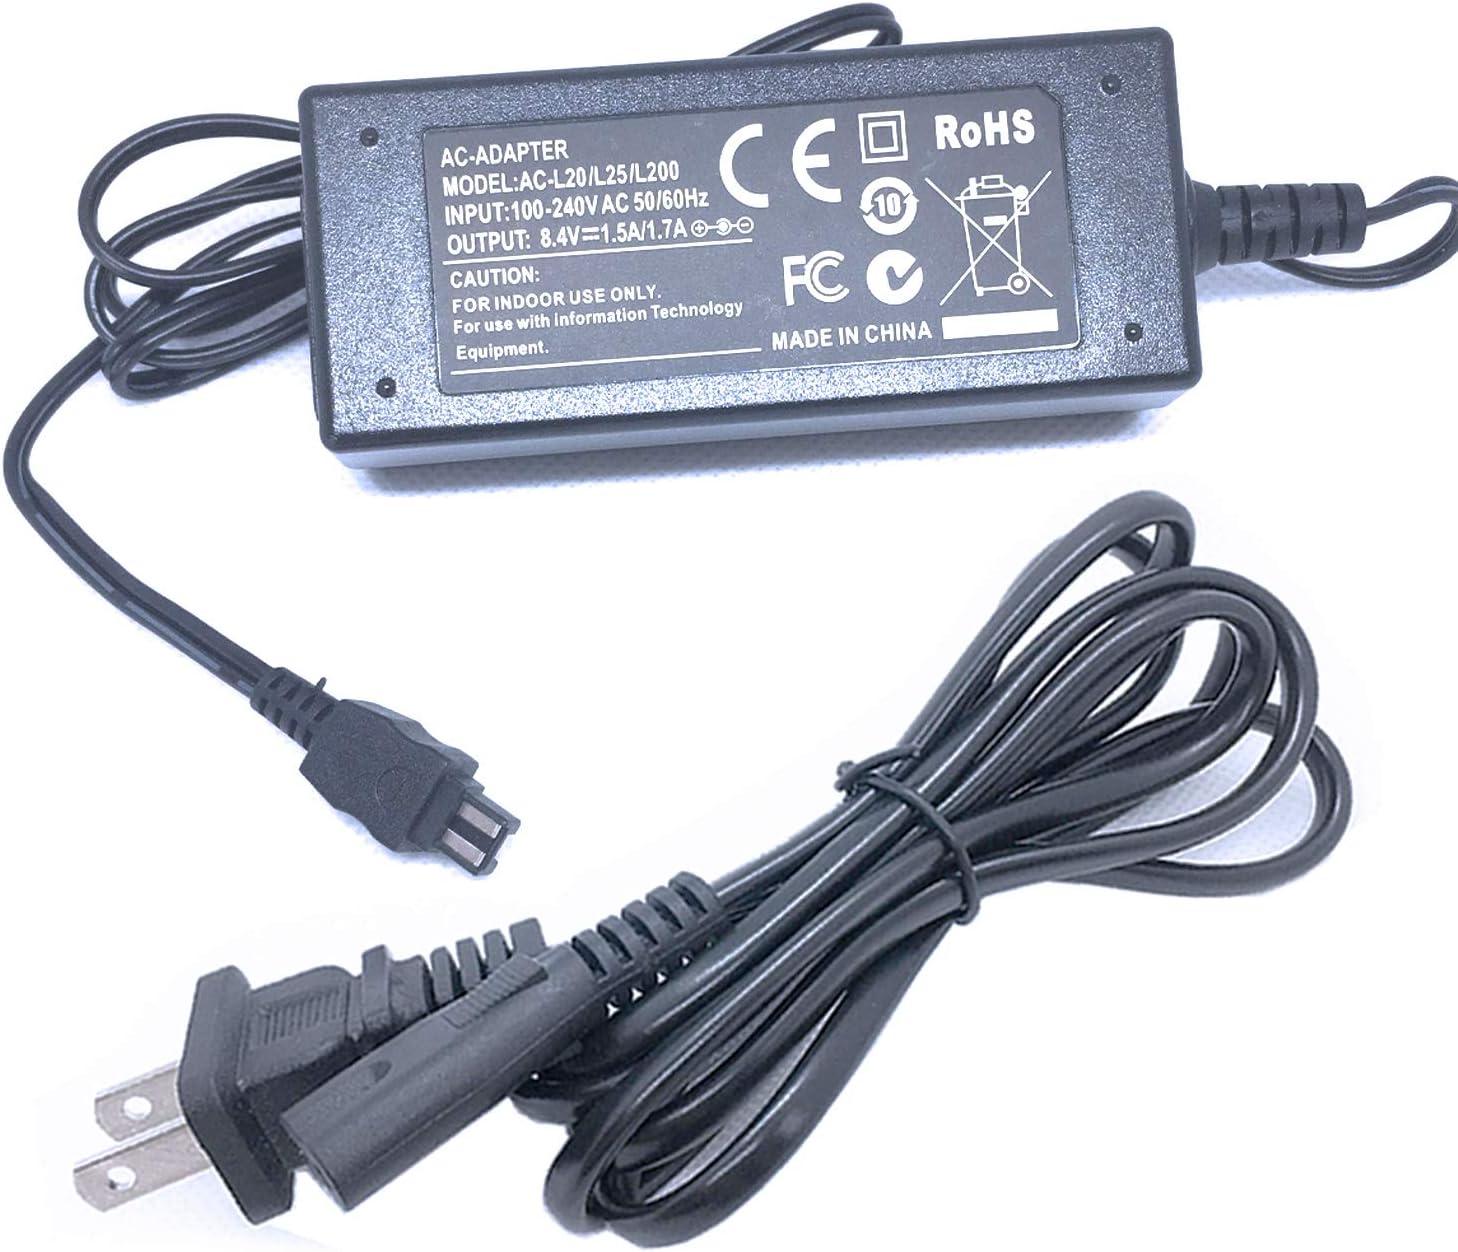 DCR-SR220E USB LCD Display Battery Charger for Sony DCR-SR210 DCR-SR220 DCR-SR210E DCR-SR220D Handycam Camcorder